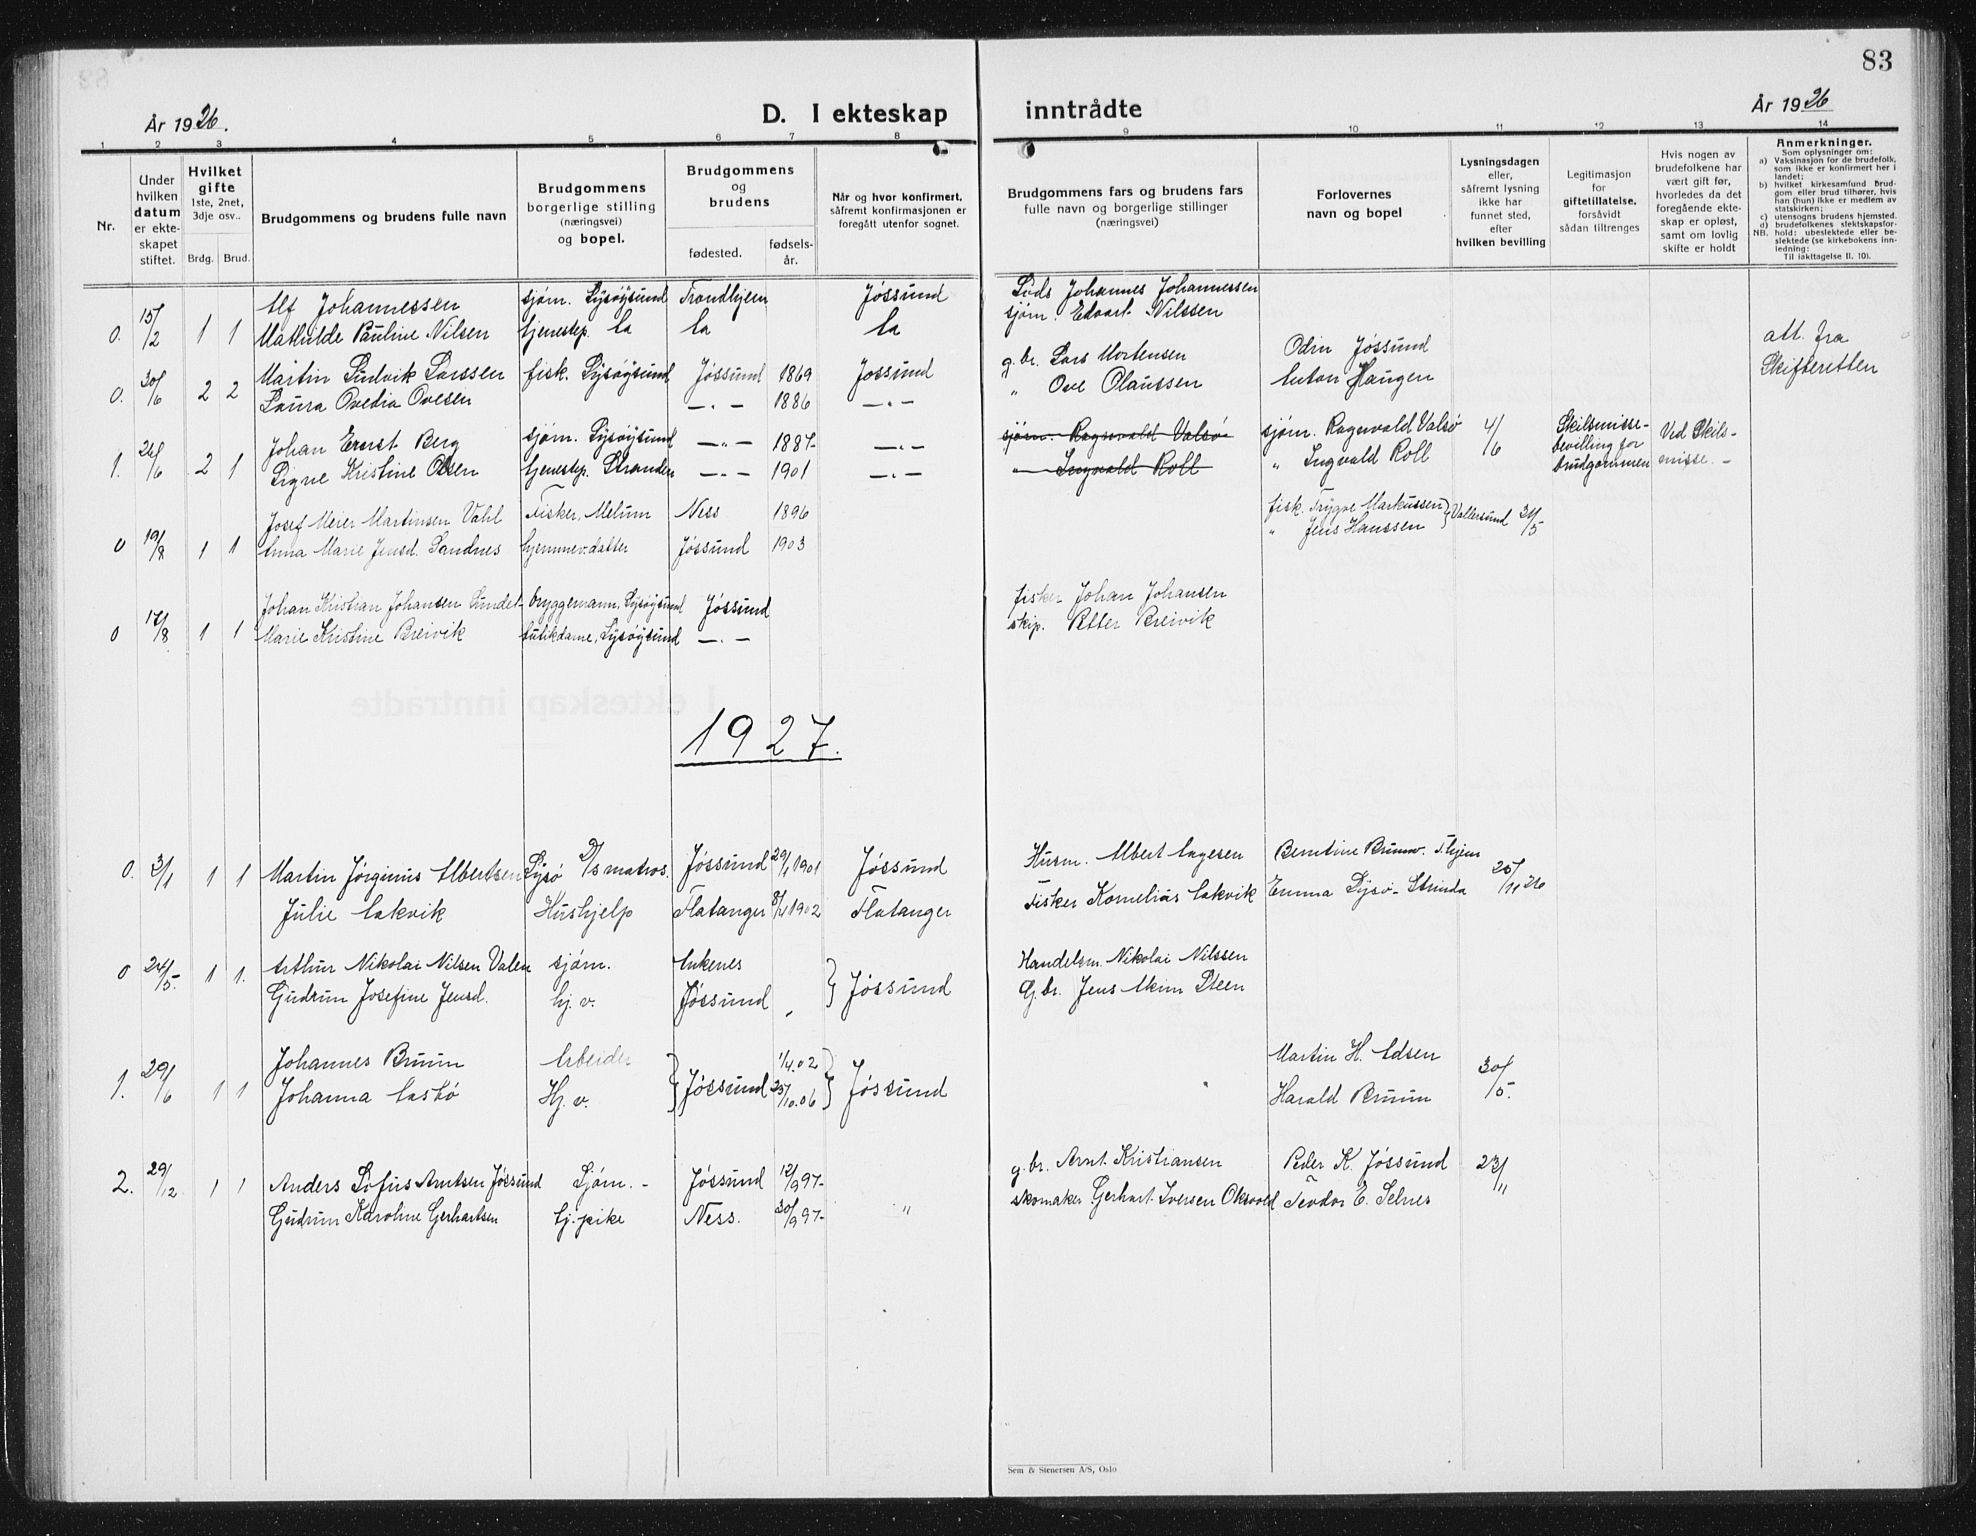 SAT, Ministerialprotokoller, klokkerbøker og fødselsregistre - Sør-Trøndelag, 654/L0667: Klokkerbok nr. 654C03, 1924-1939, s. 83